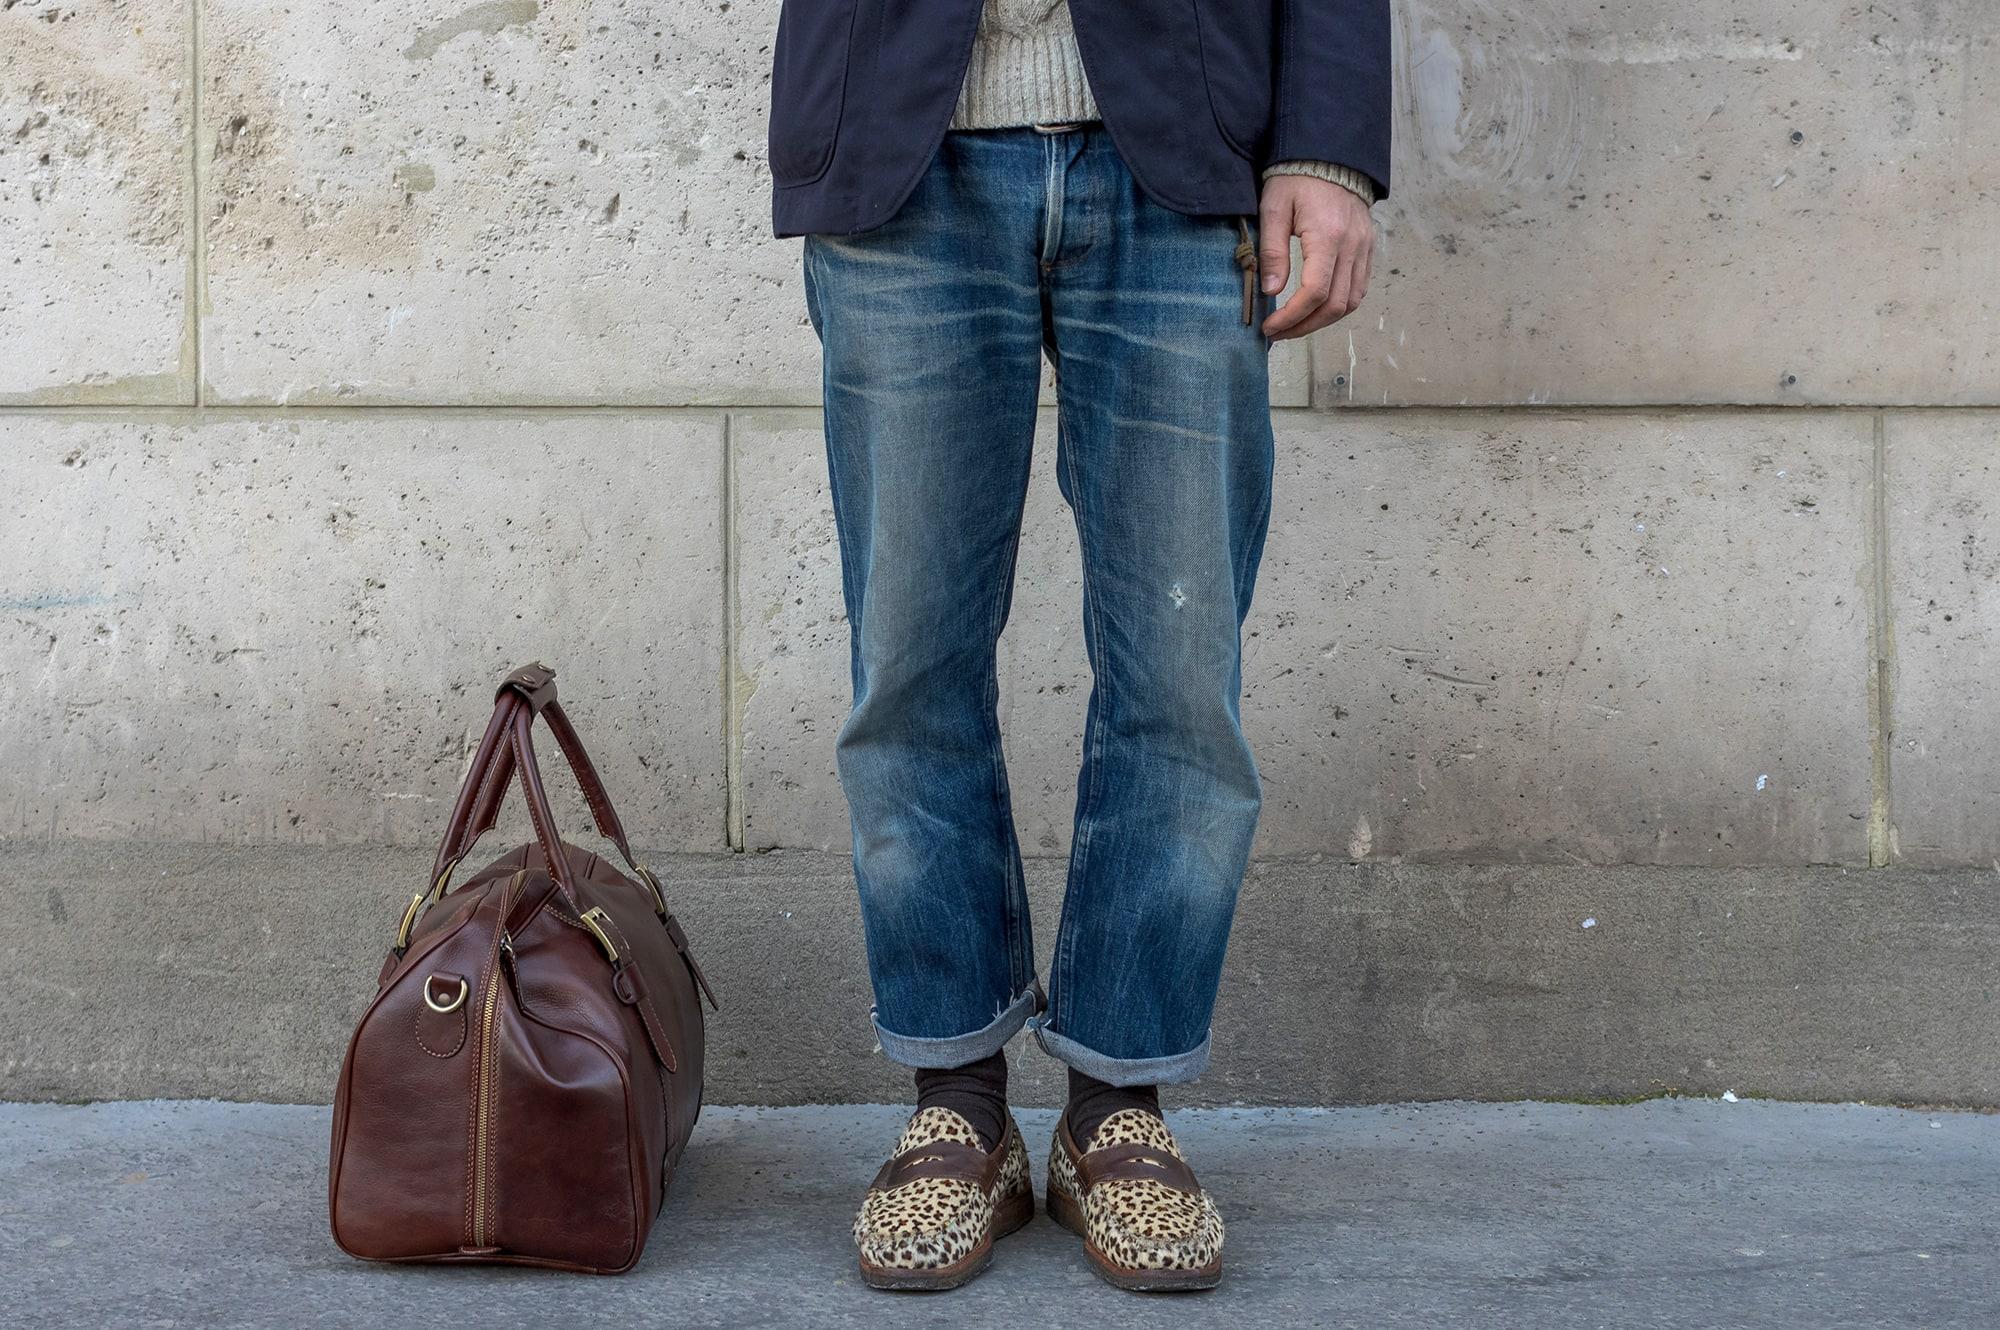 tenue d'inspiration japonaise avec des volumes plus amples : jeans droit et court, dy layering et une touche d'exotisme aevc une paire de loafer Yuketen en imprimé léopard